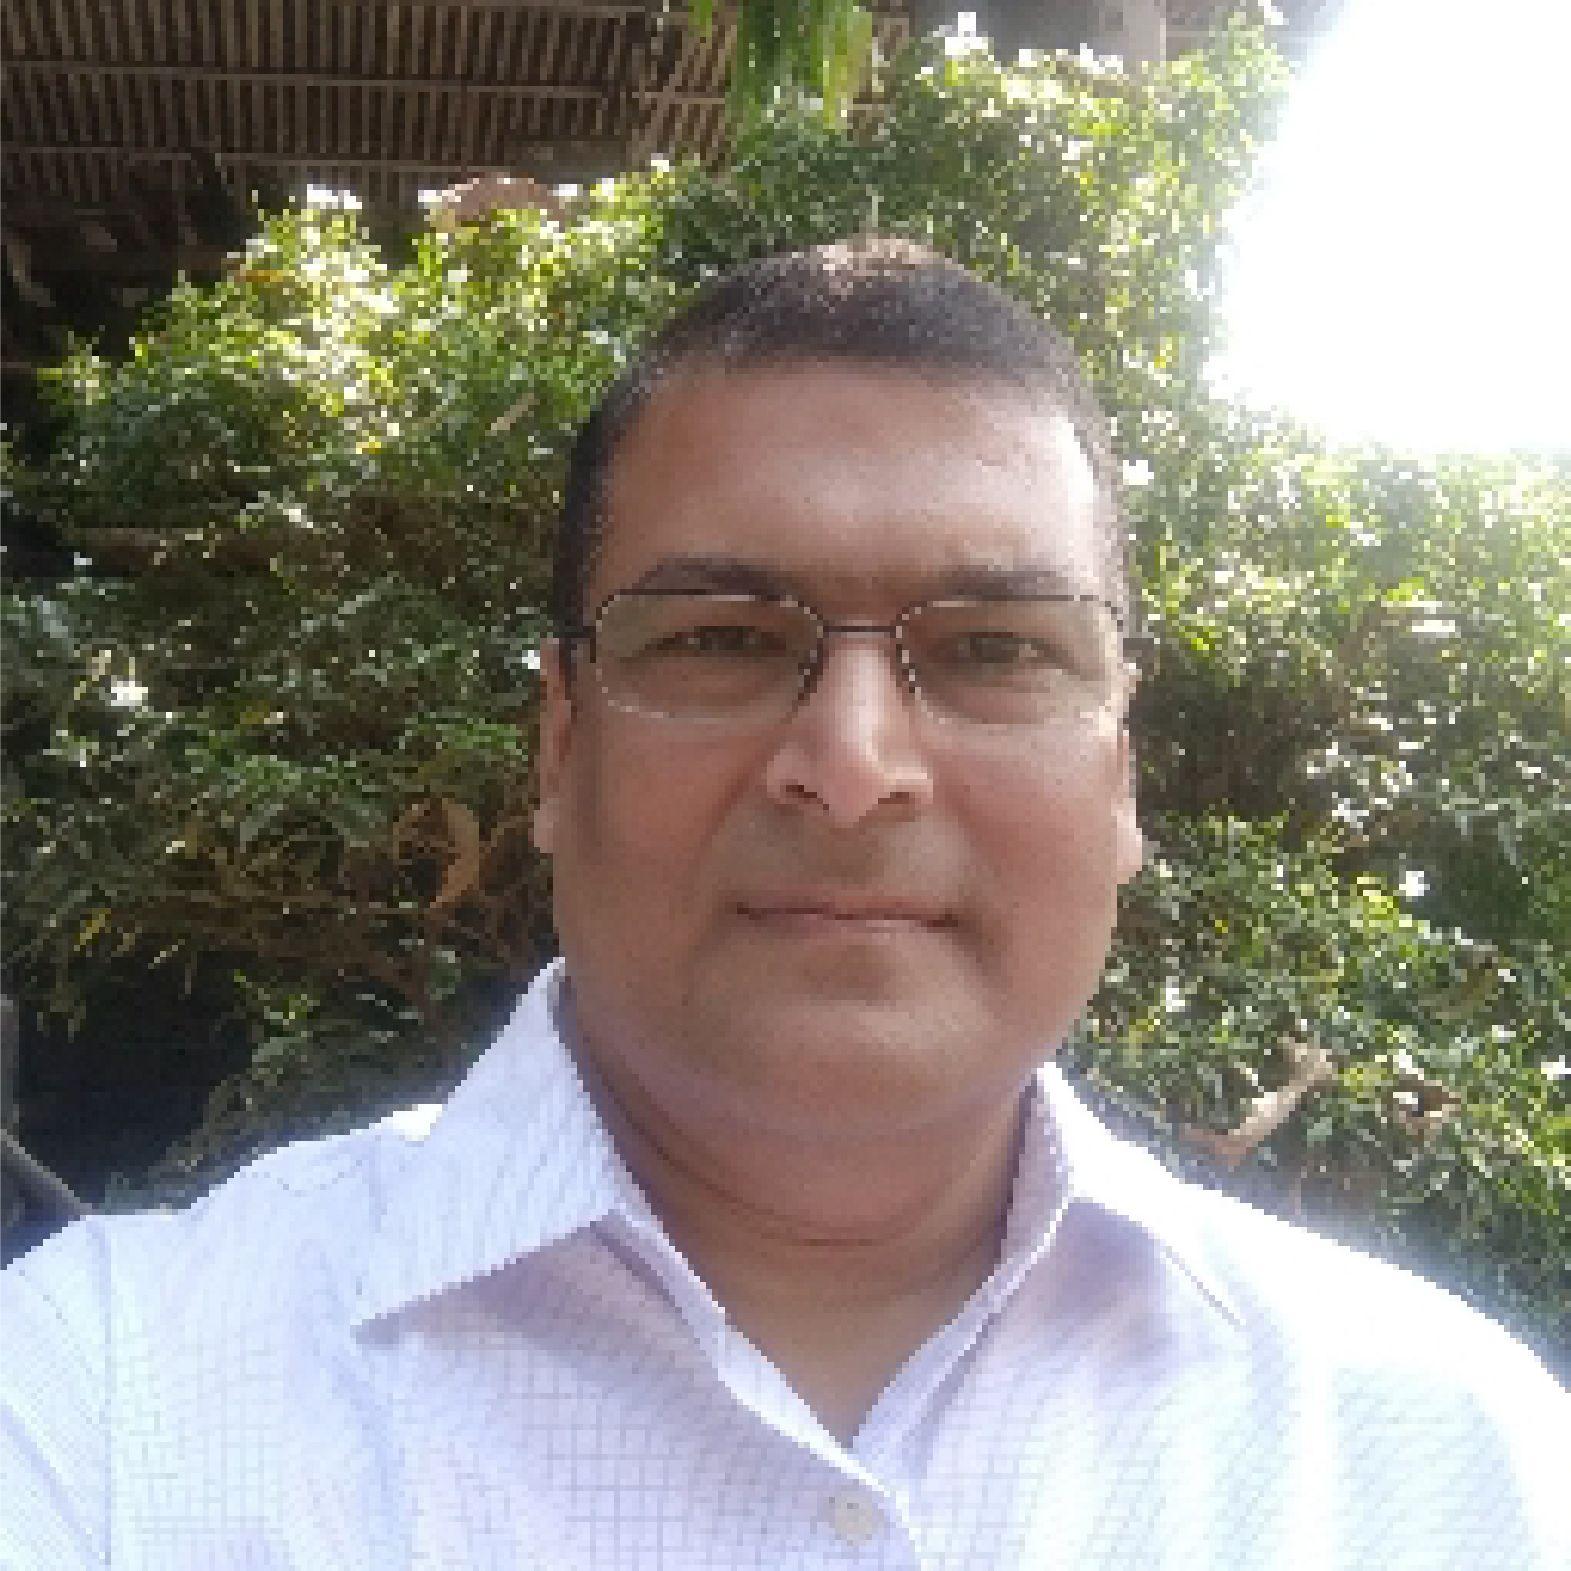 Bhabani Shankar Pani